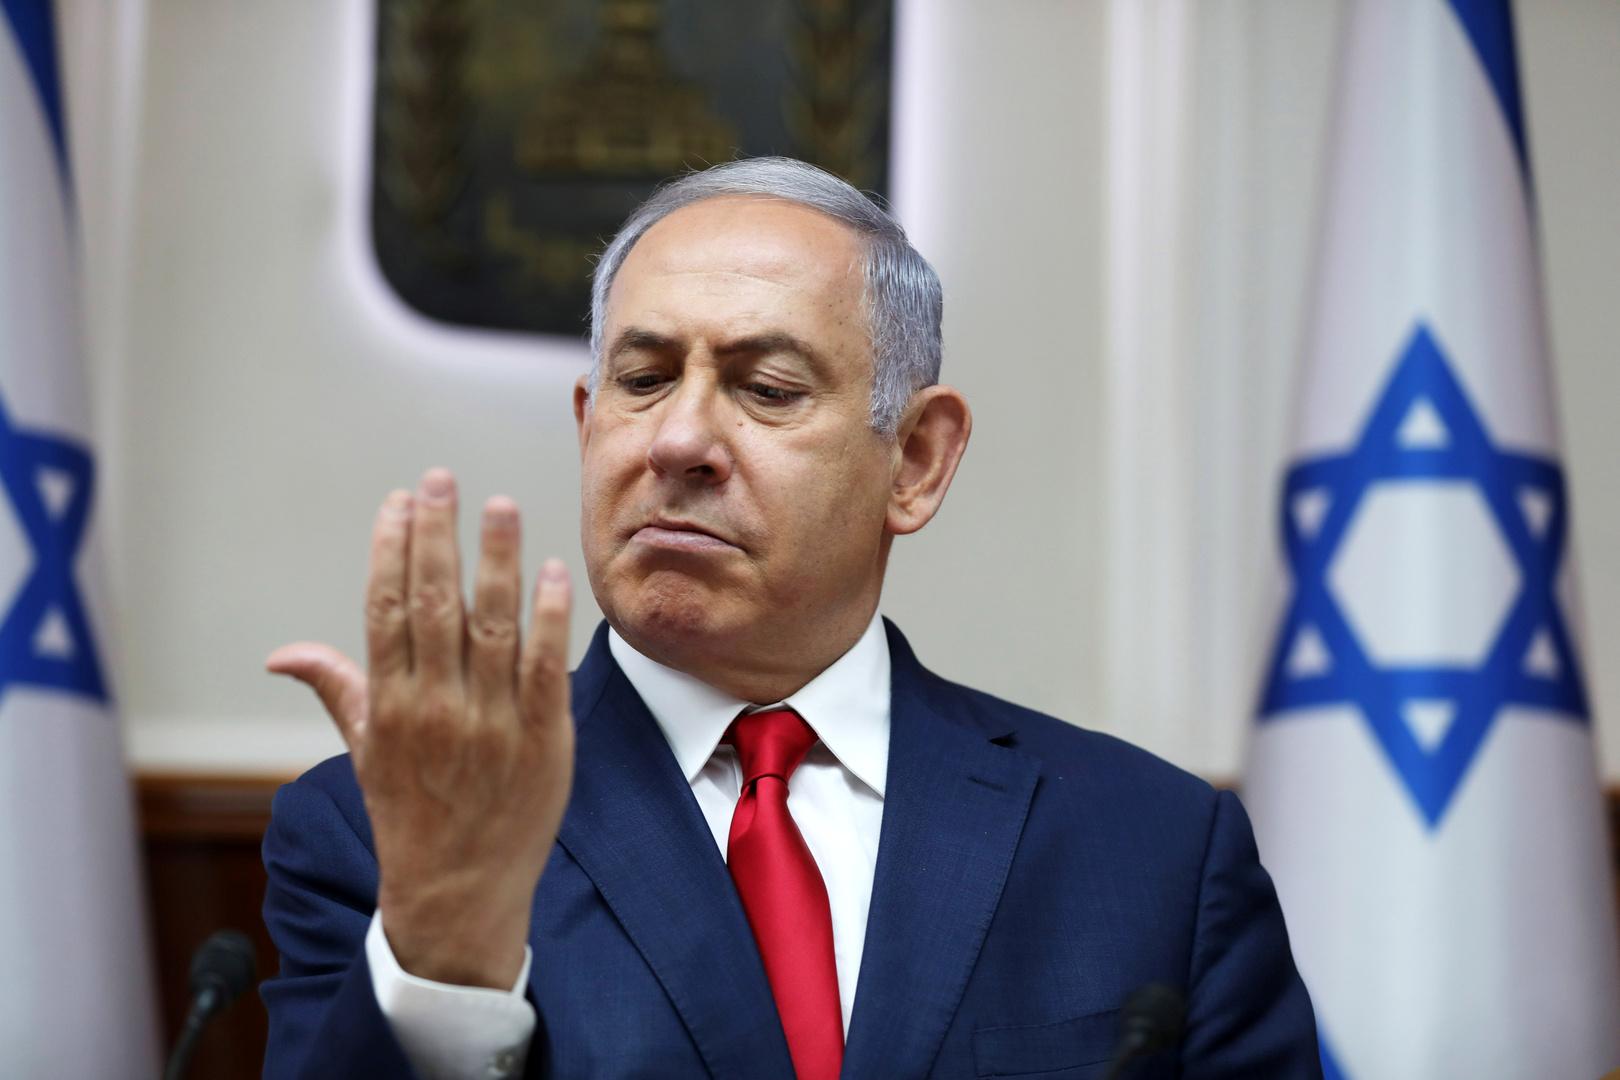 قناة إسرائيلية نقلا عن مصادر حكومية: التطبيع مع عُمان قد يحدث قبل الانتخابات الأمريكية